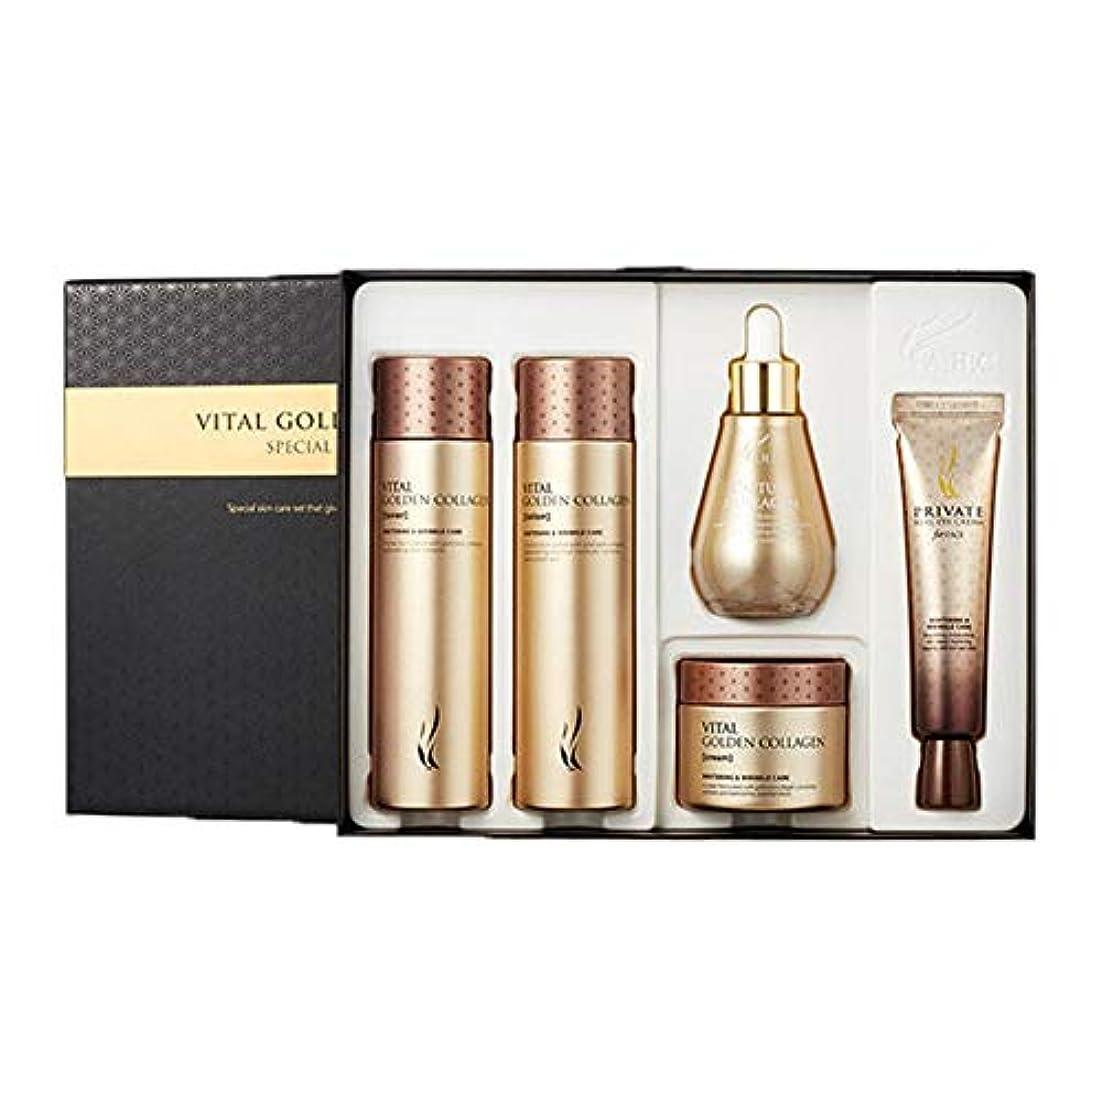 タクシーフィルタバウンドAHCバイタルゴールデンコラーゲンスキンケアセットトナーローションクリームアイクリームアンプル、AHC Vital Golden Collagen Skincare Set Toner Lotion Cream Eye...